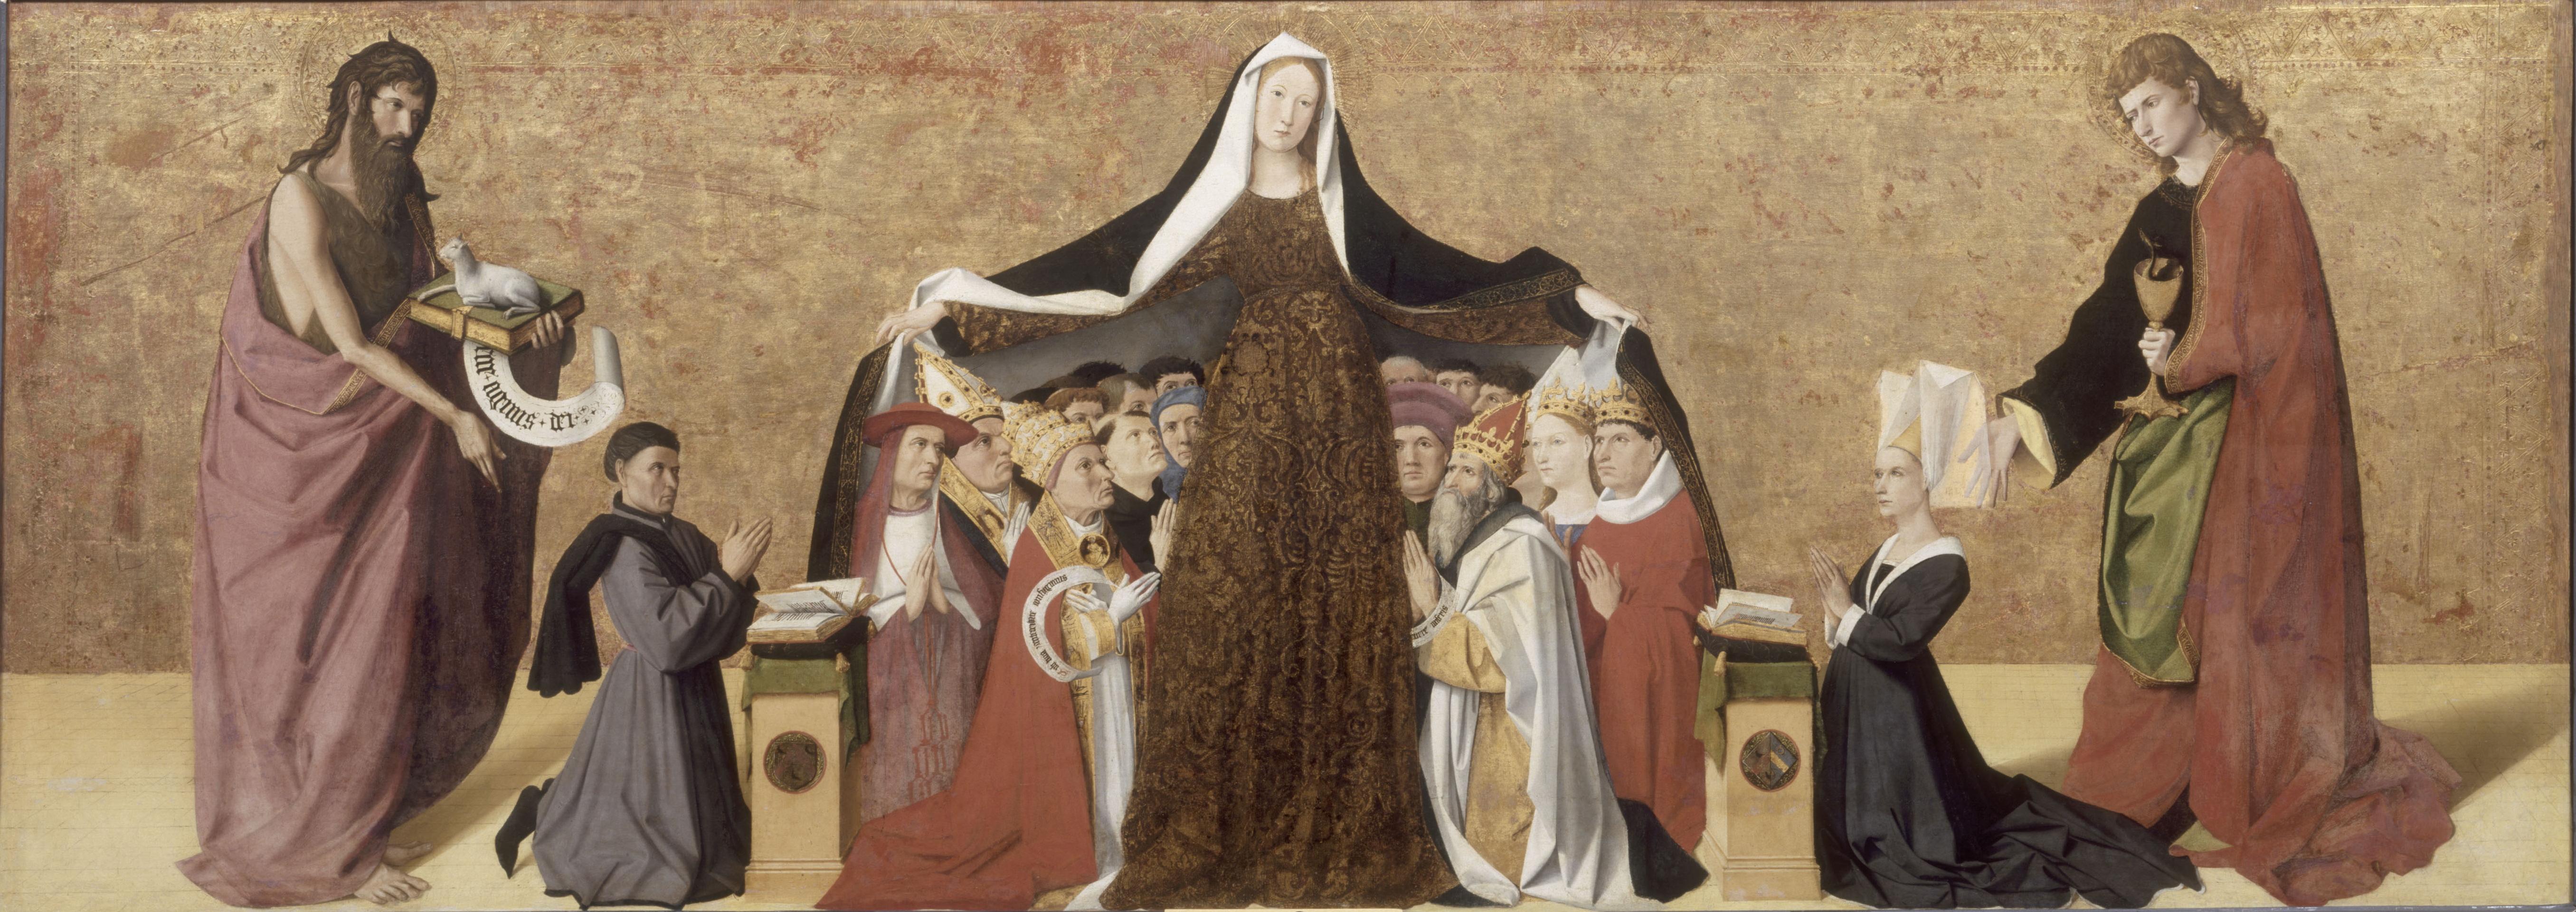 Enguerrand Charonton (ca 1410-61): La Vierge de Miséricorde (1452), Musée Condé i Chantilly